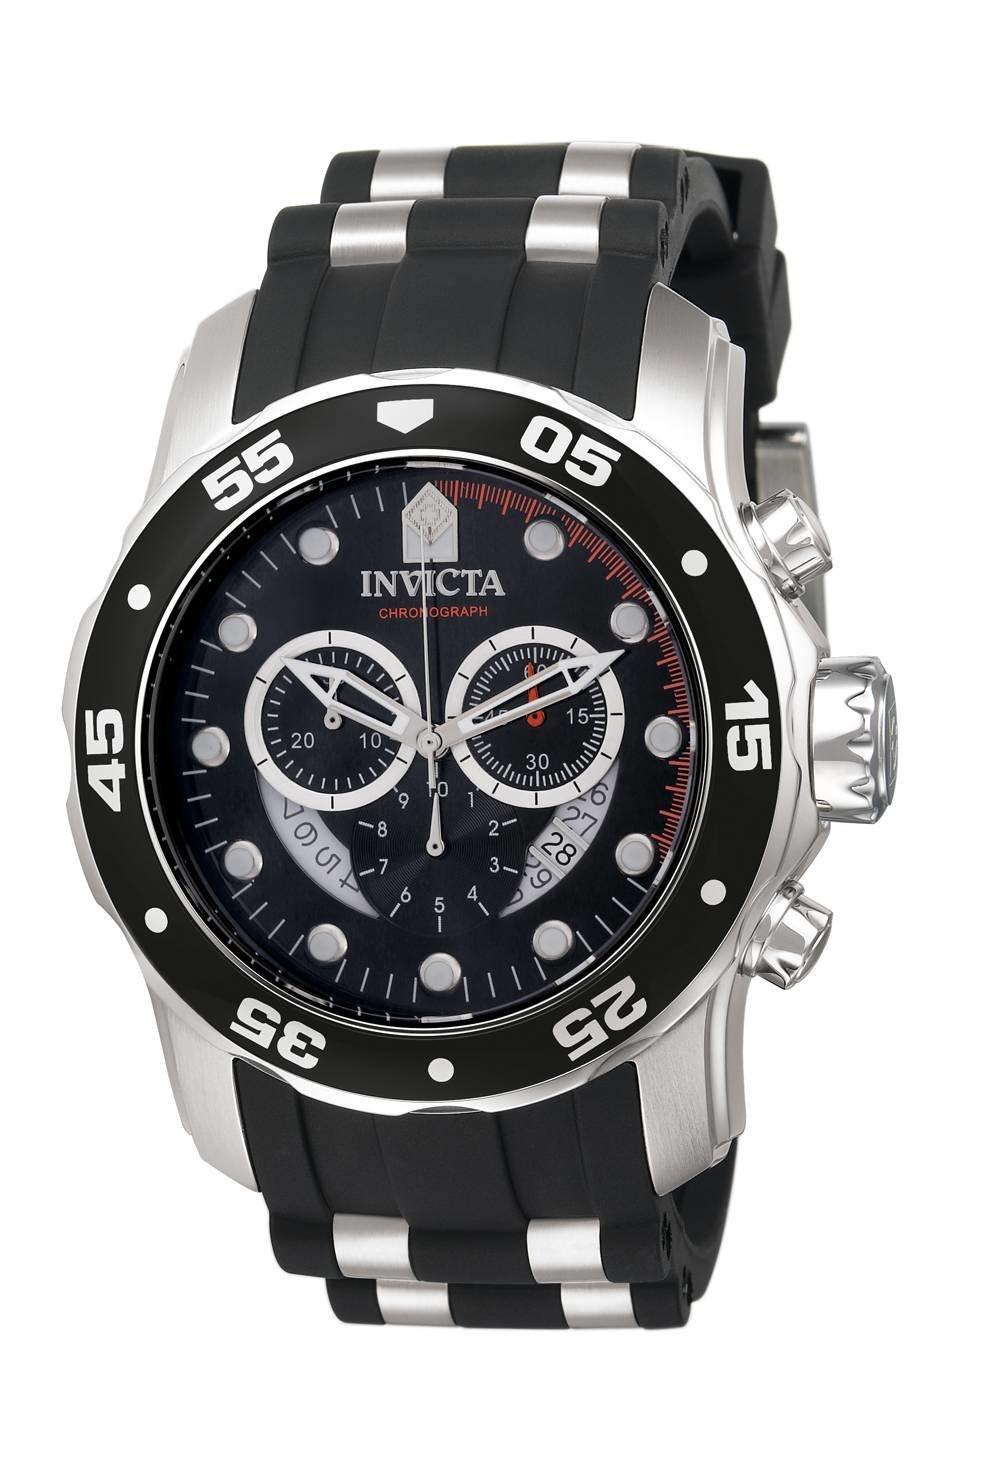 reloj hombre INVICTA PRO DIVER 6977 crono dial negro - correa poliuretano